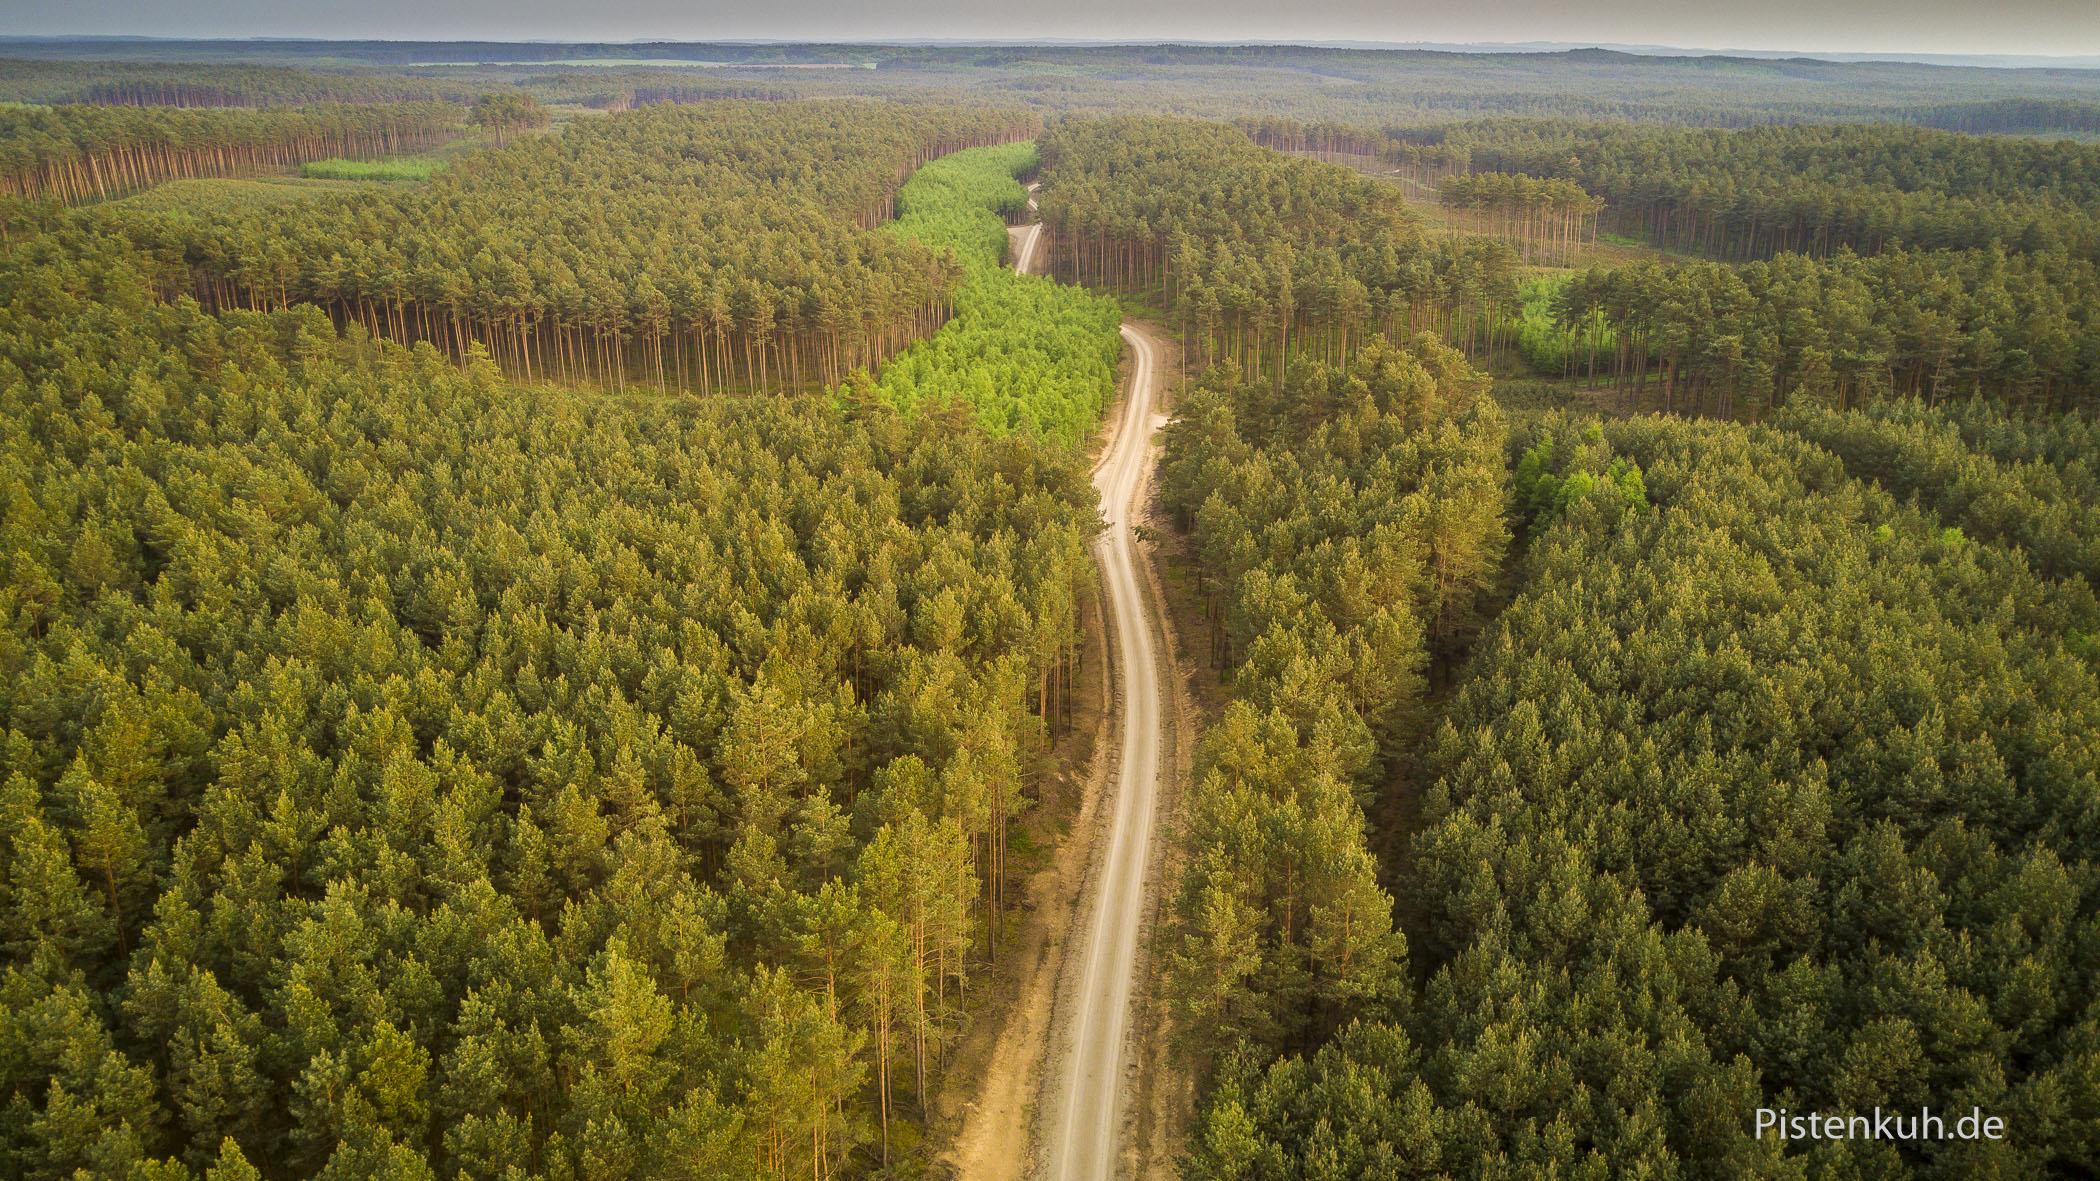 Forstwege ziehen sich endlos durch die polnischen Wälder